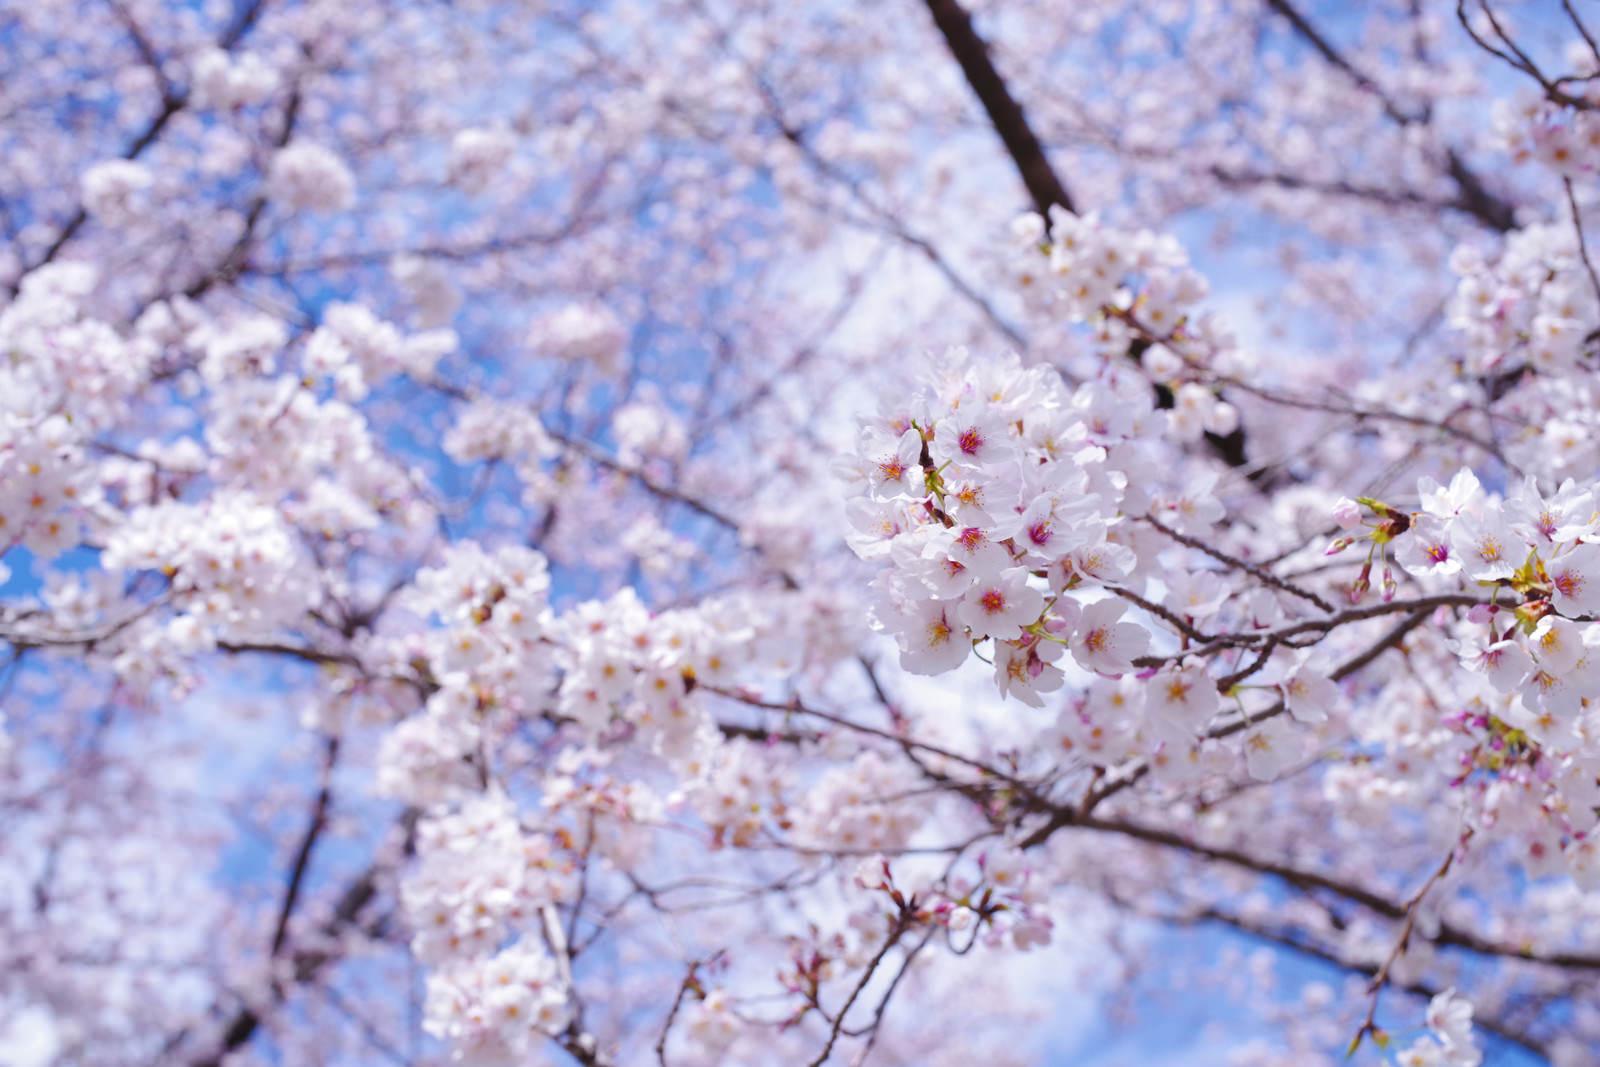 「春晴れの空の下で気持ちよく咲く咲きたてのソメイヨシノ」の写真